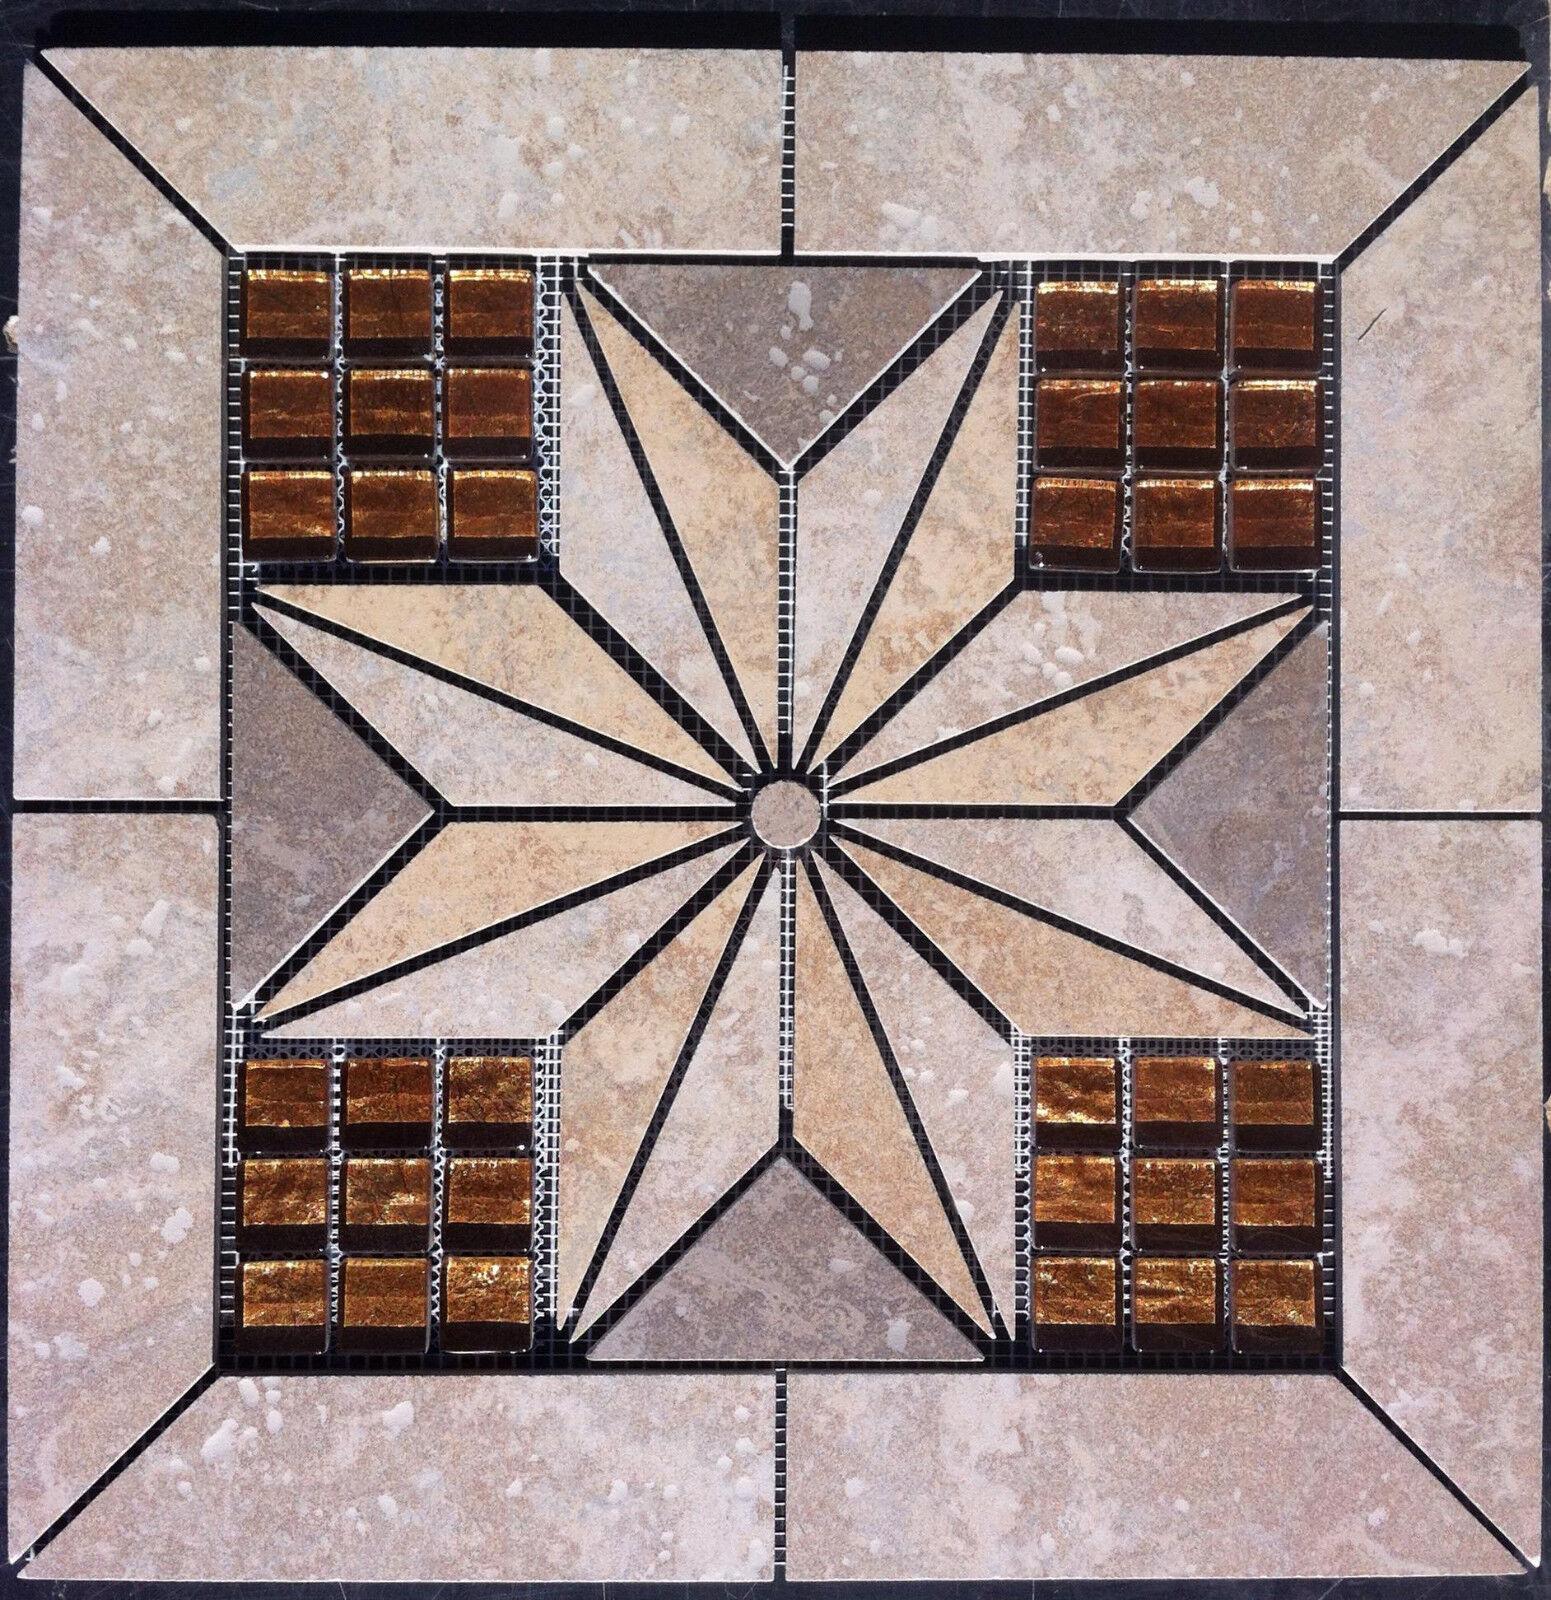 16 3 8  Tile Medallion - Daltile's Castle de Verre series, glass